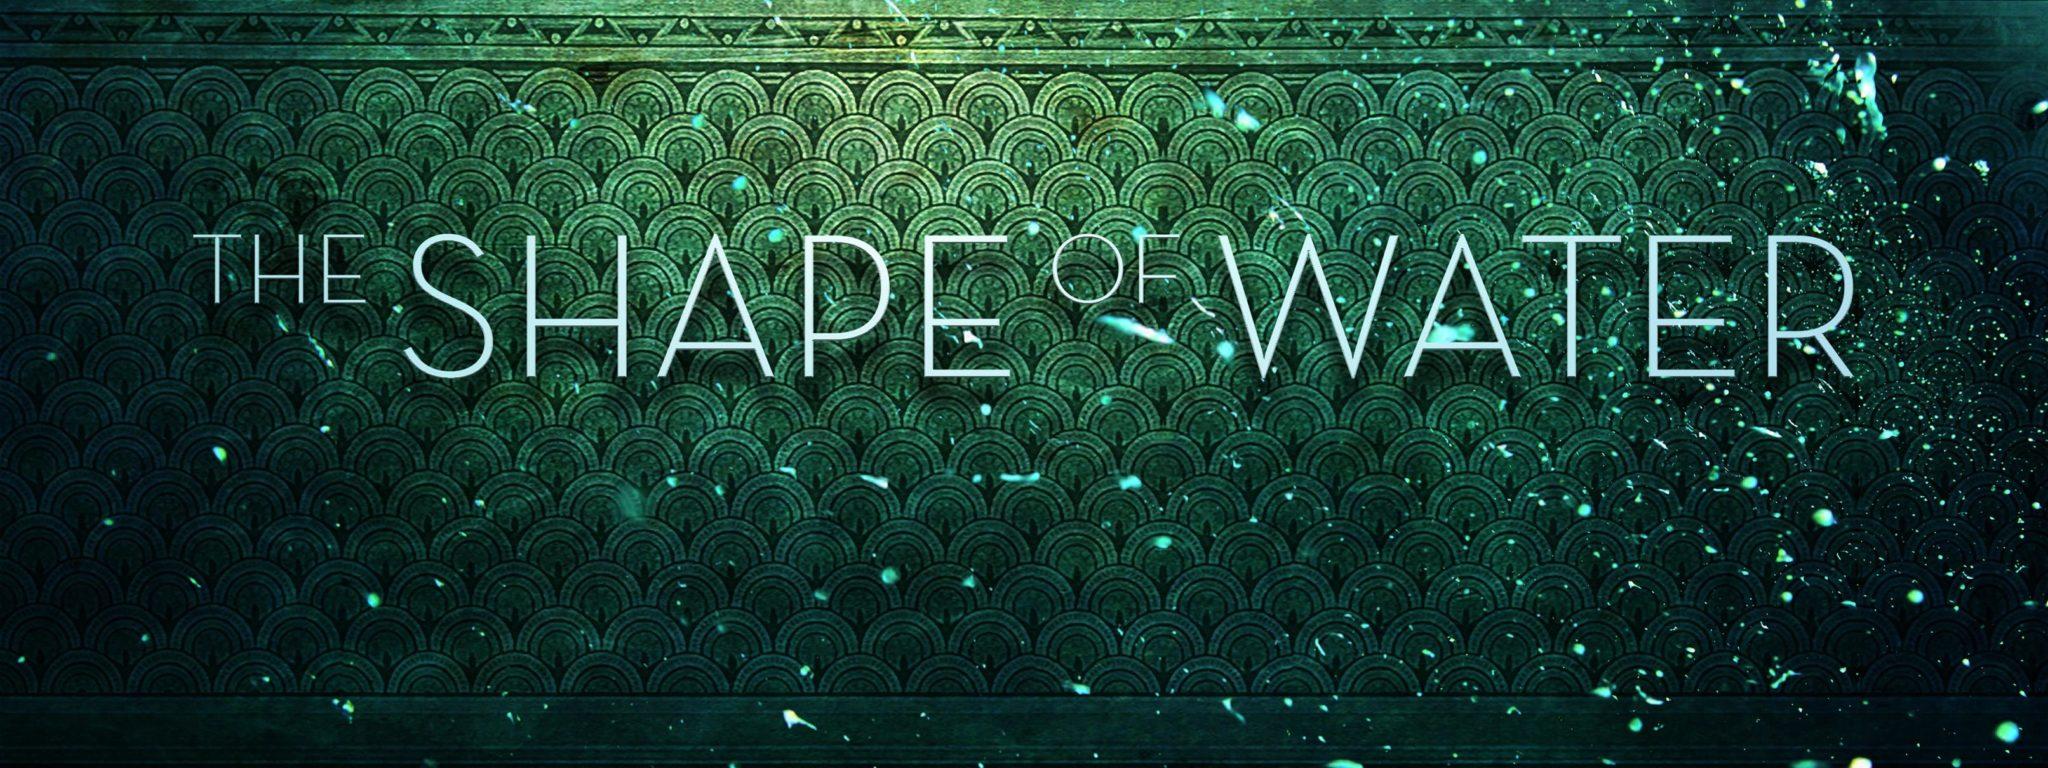 Novo filme de Guillermo del Toro estreia em dezembro nos EUA